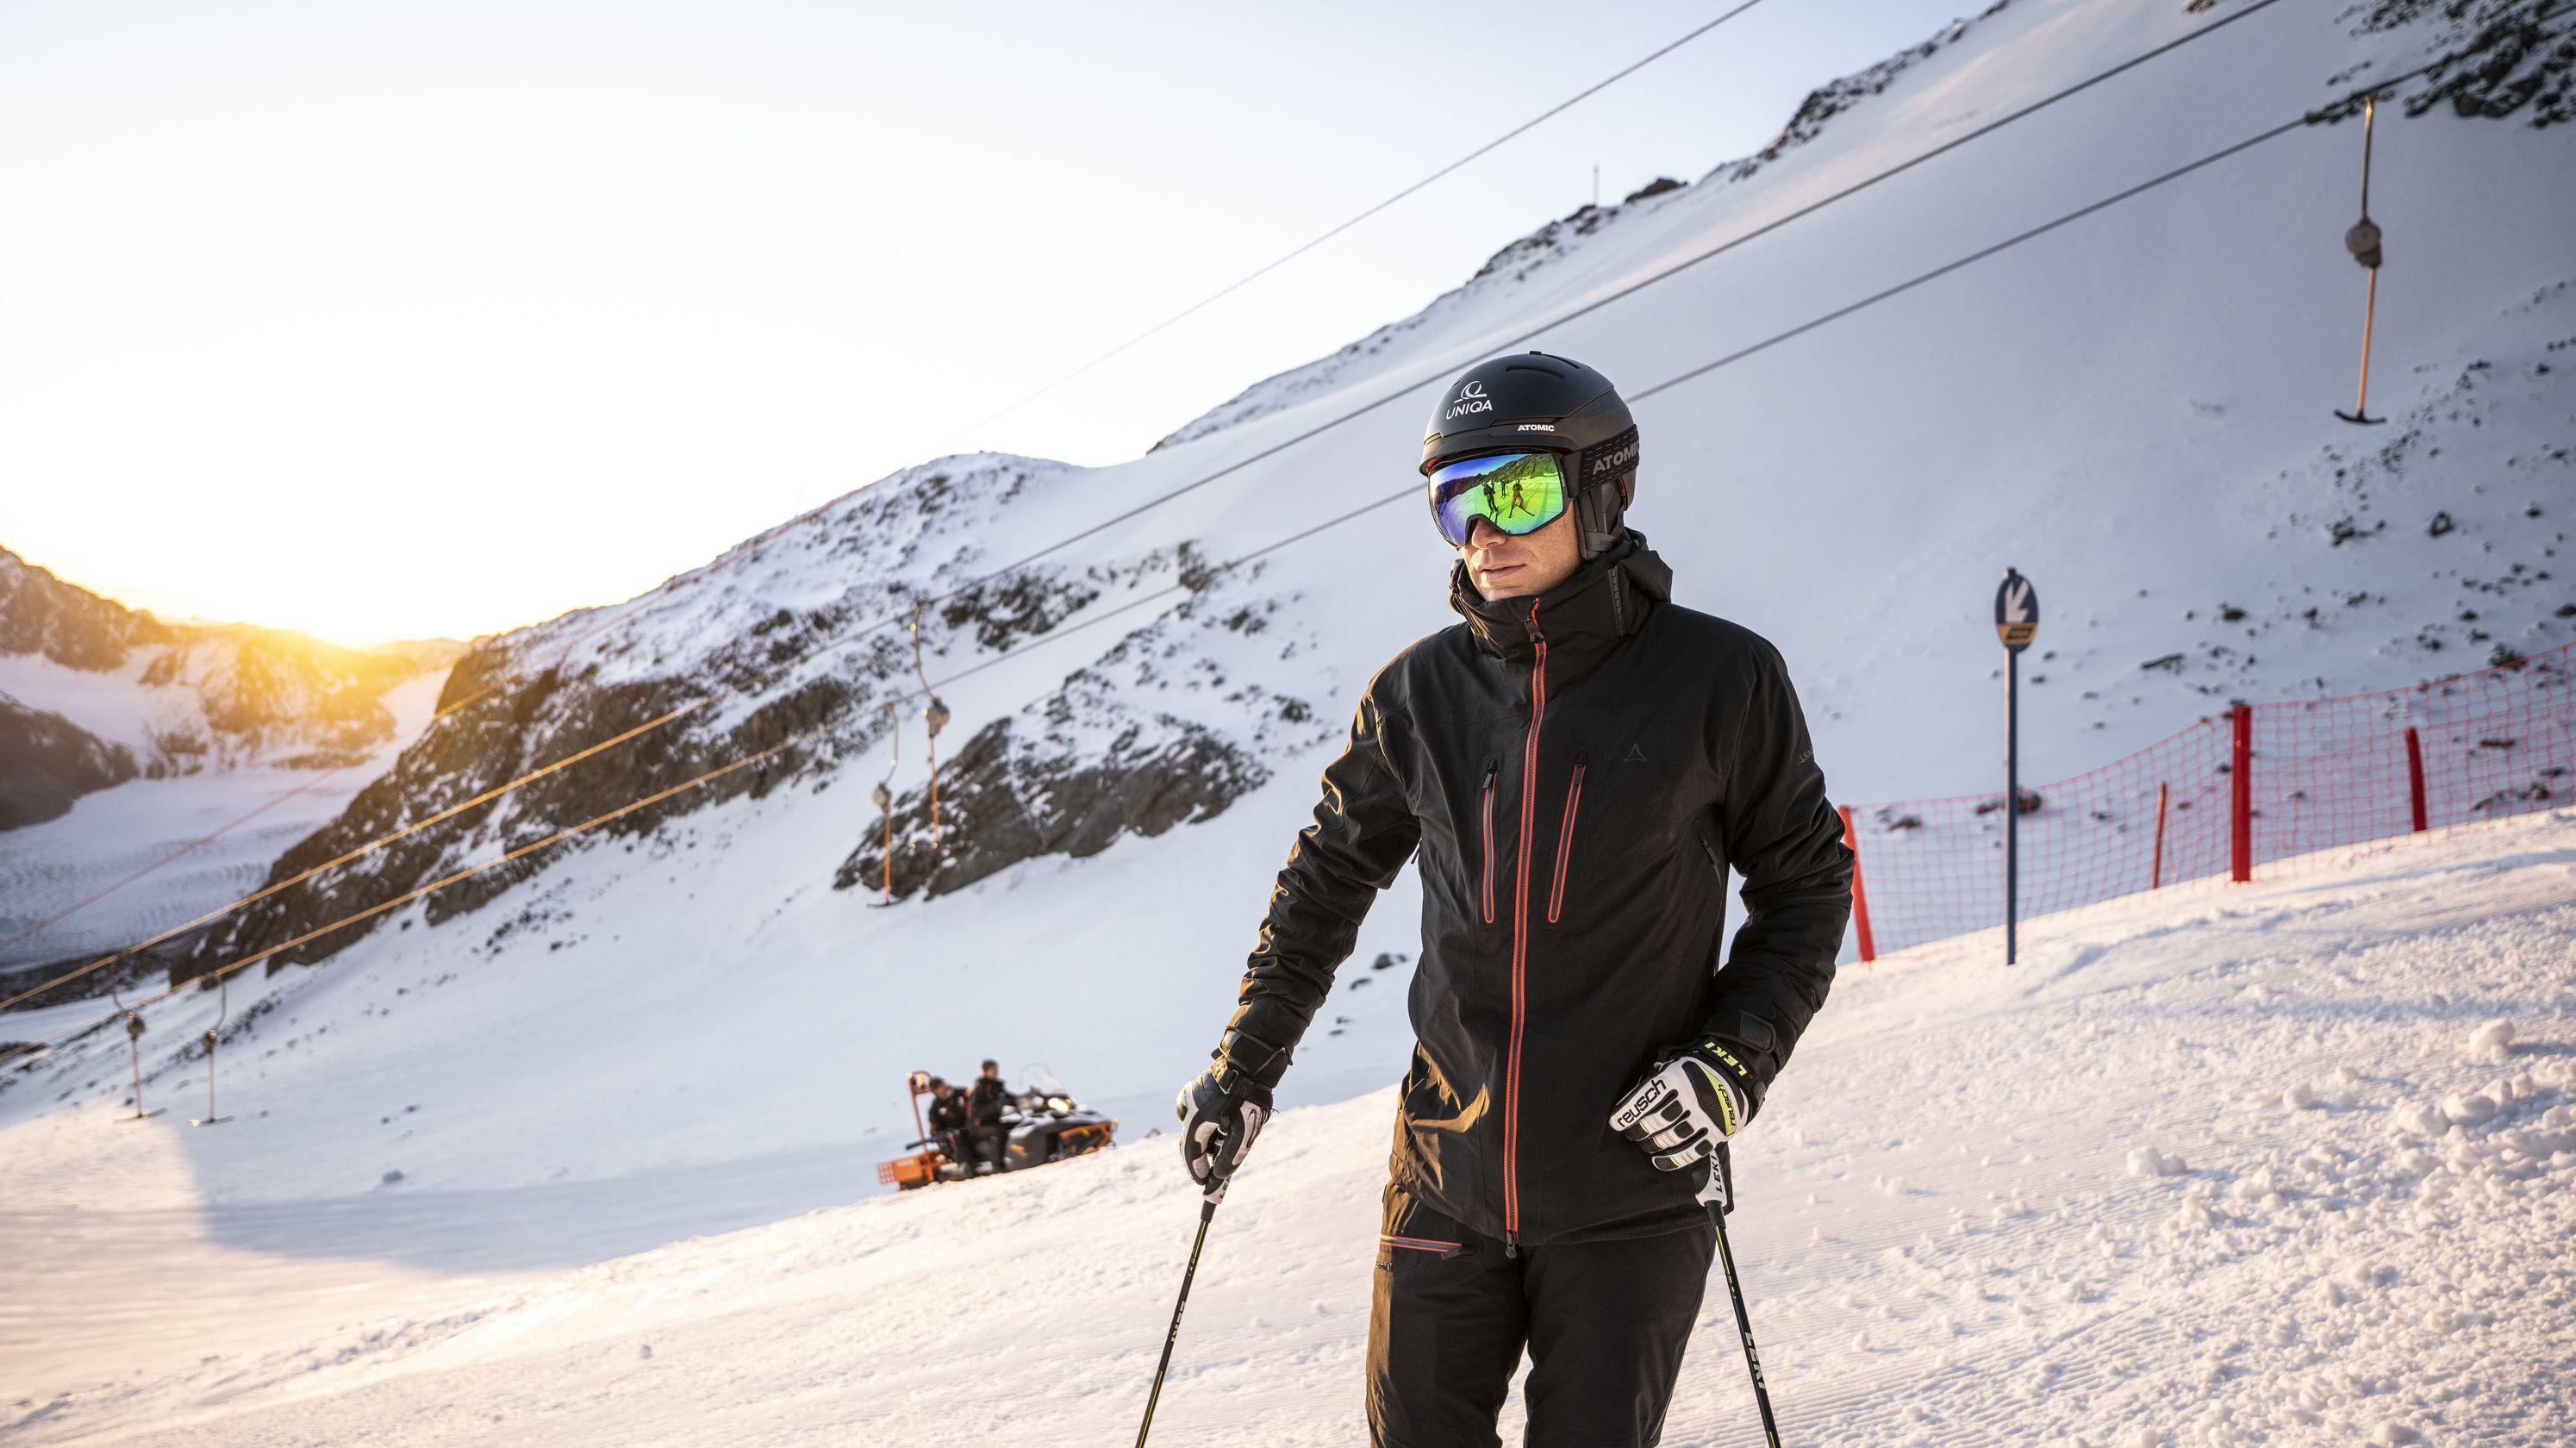 Ein Skifahrer auf einer Piste mit beheizbarer Skibekleidung, im Hintergrund ein Skilift und eine Pistenraupe.